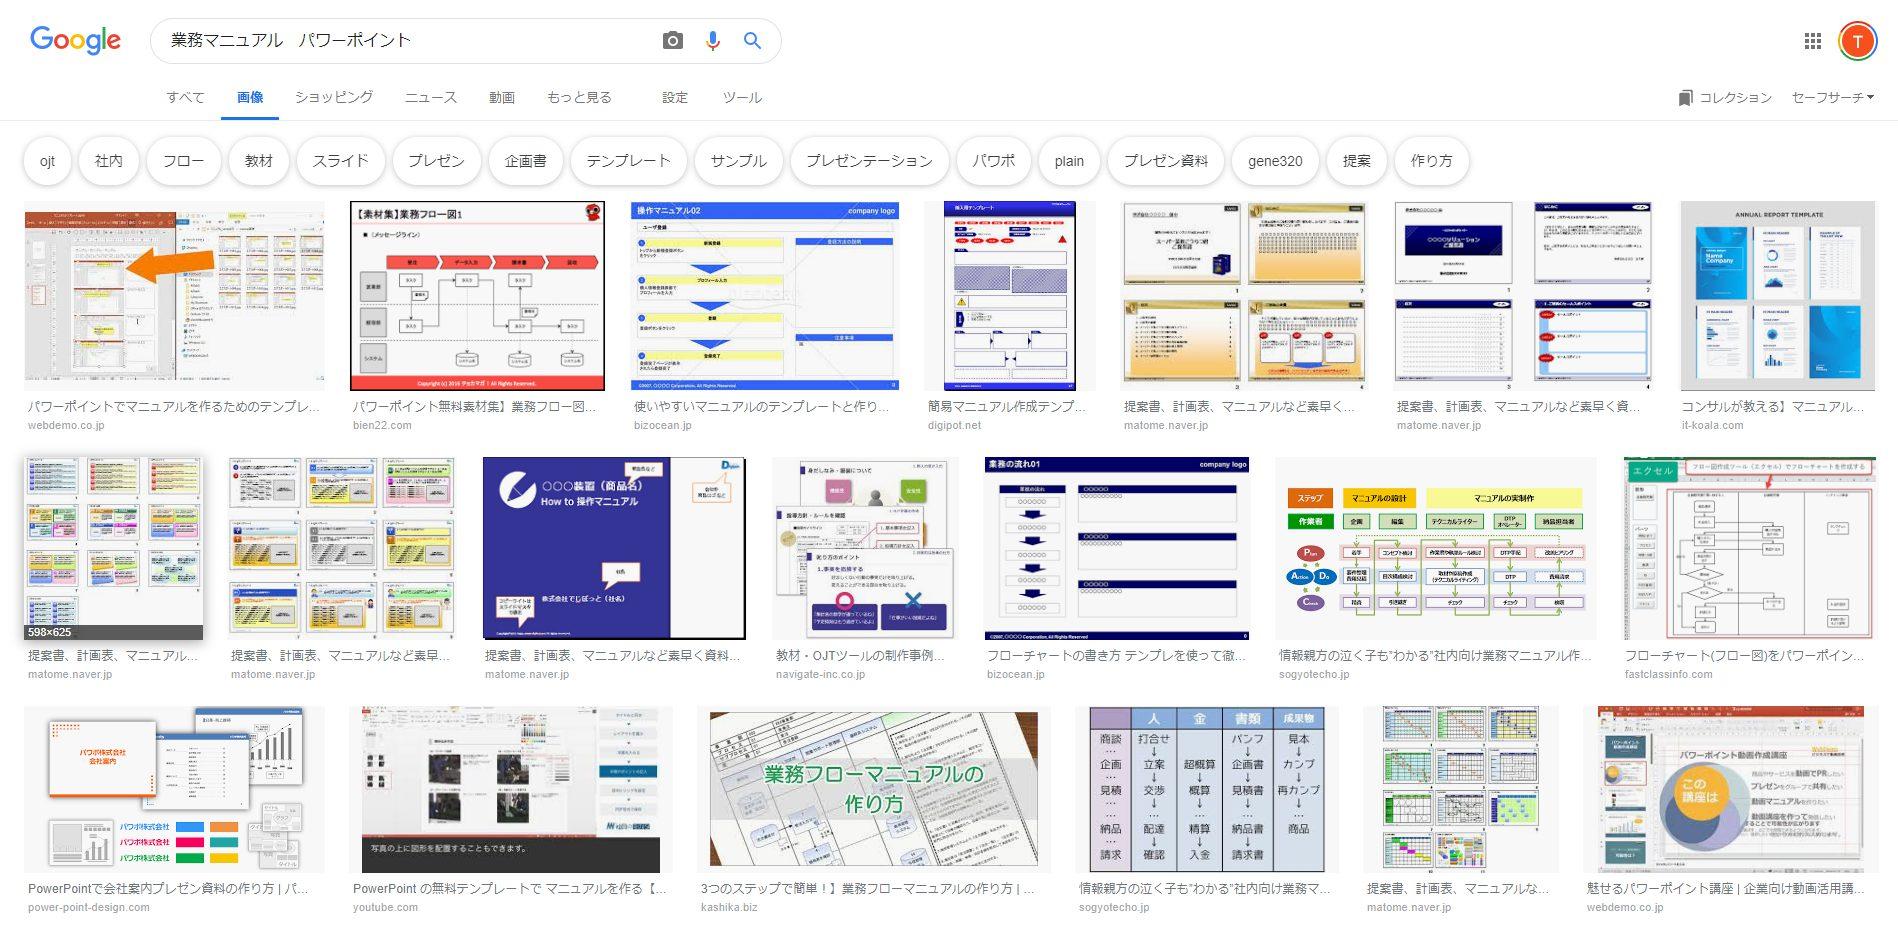 業務マニュアル、パワーポイントの検索結果